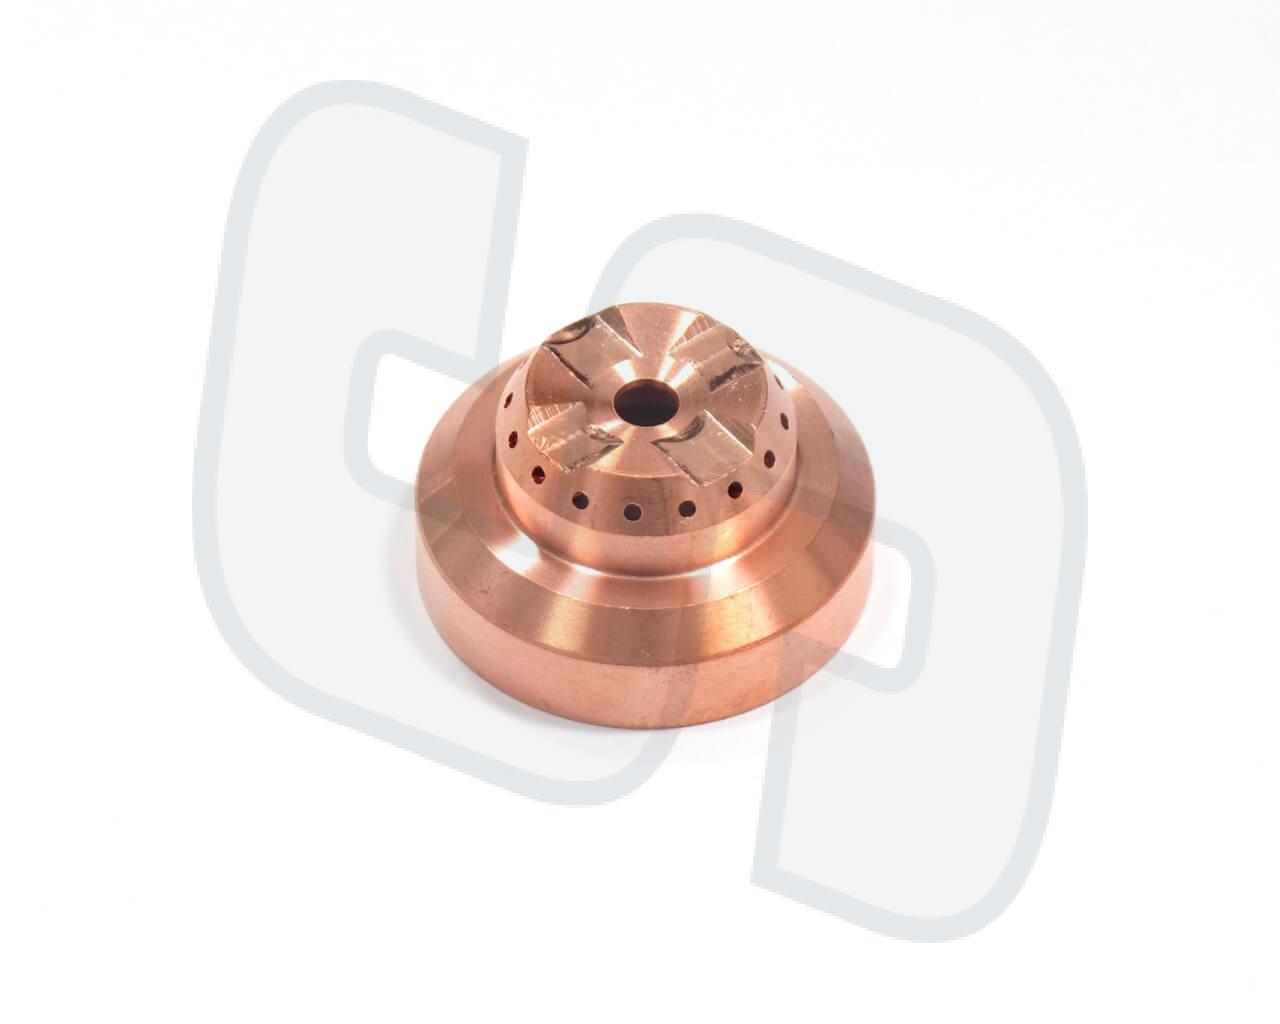 Abstandsdüse CB 100 / CB 150 kurz / Kontakt